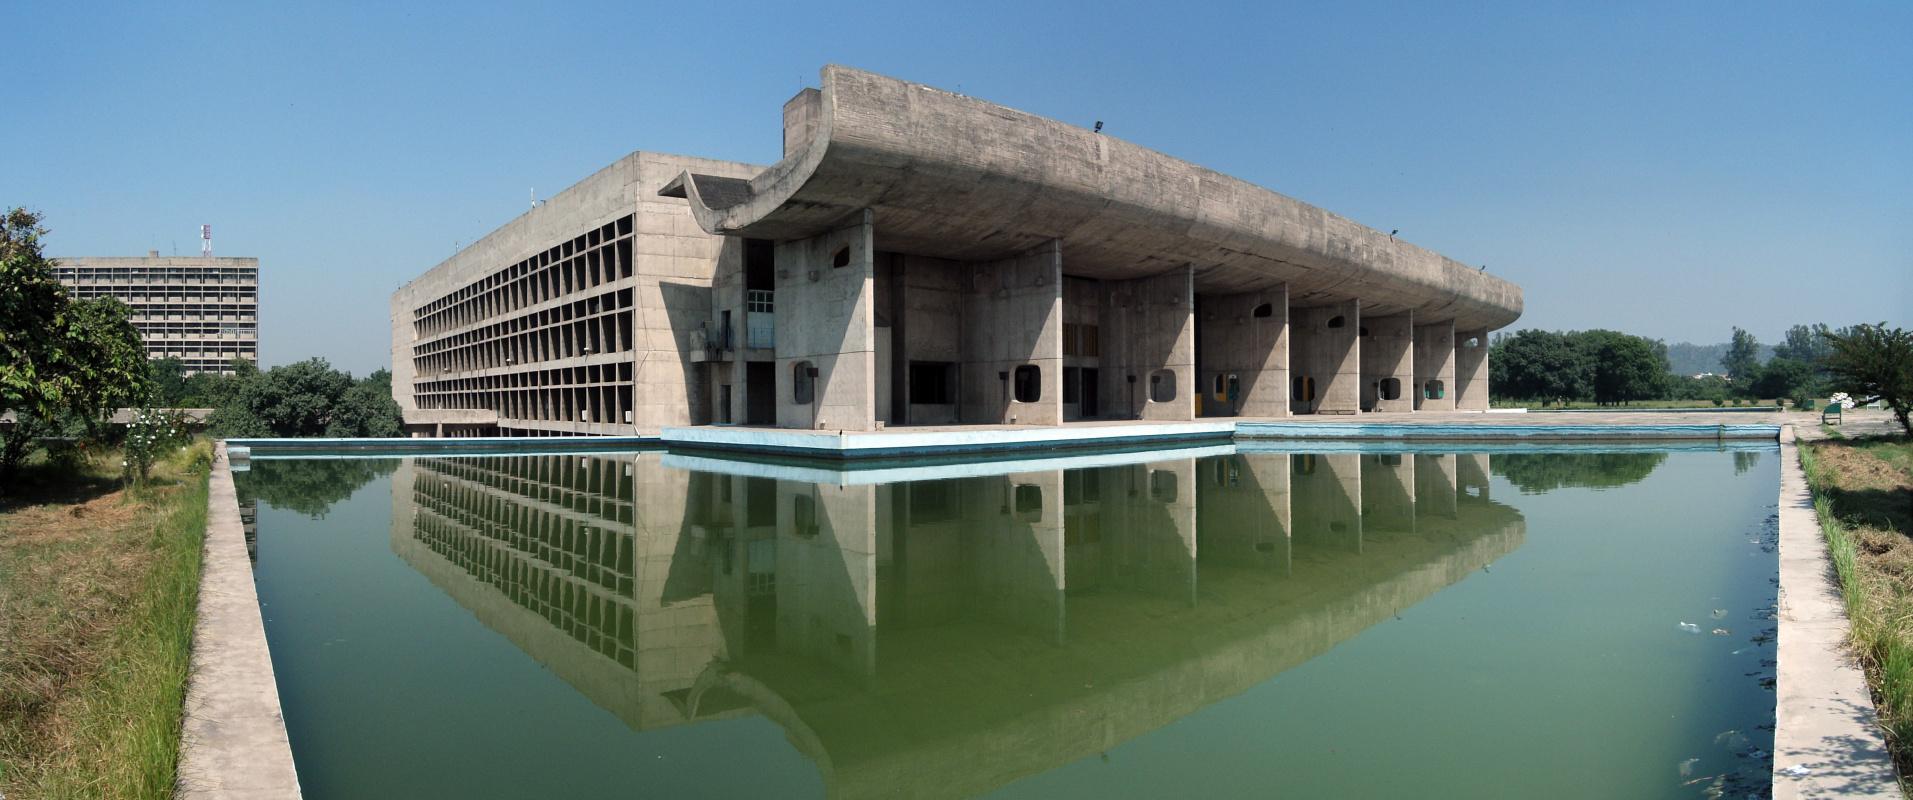 Le Corbusier. Chandigarh City